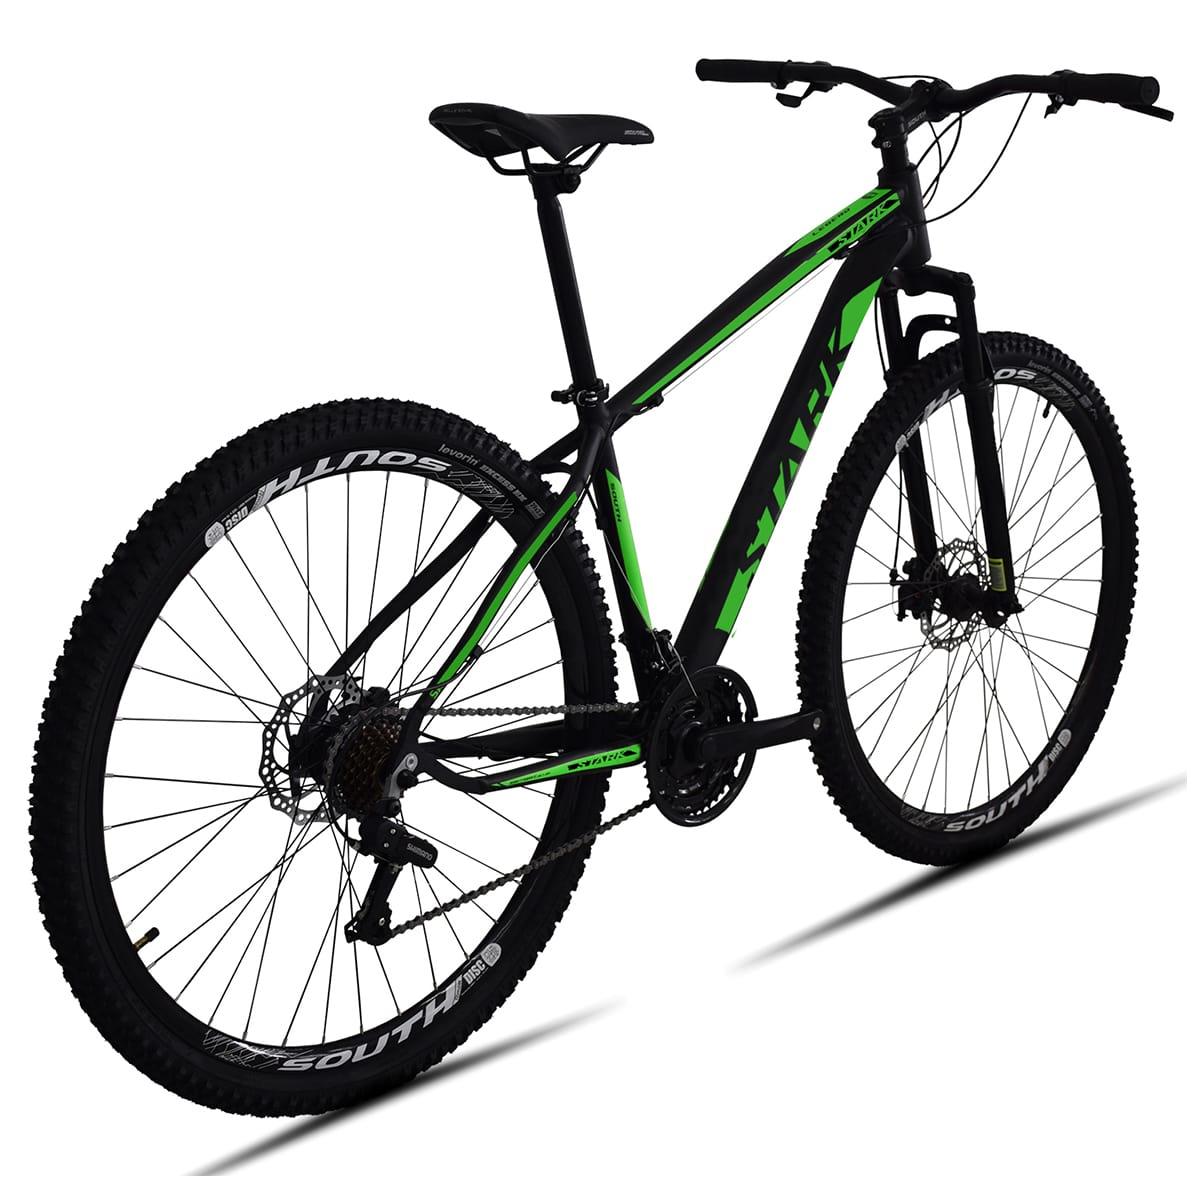 Bicicleta South Stark 2021 Aro 29 Alumínio Freio a disco 24 marchas